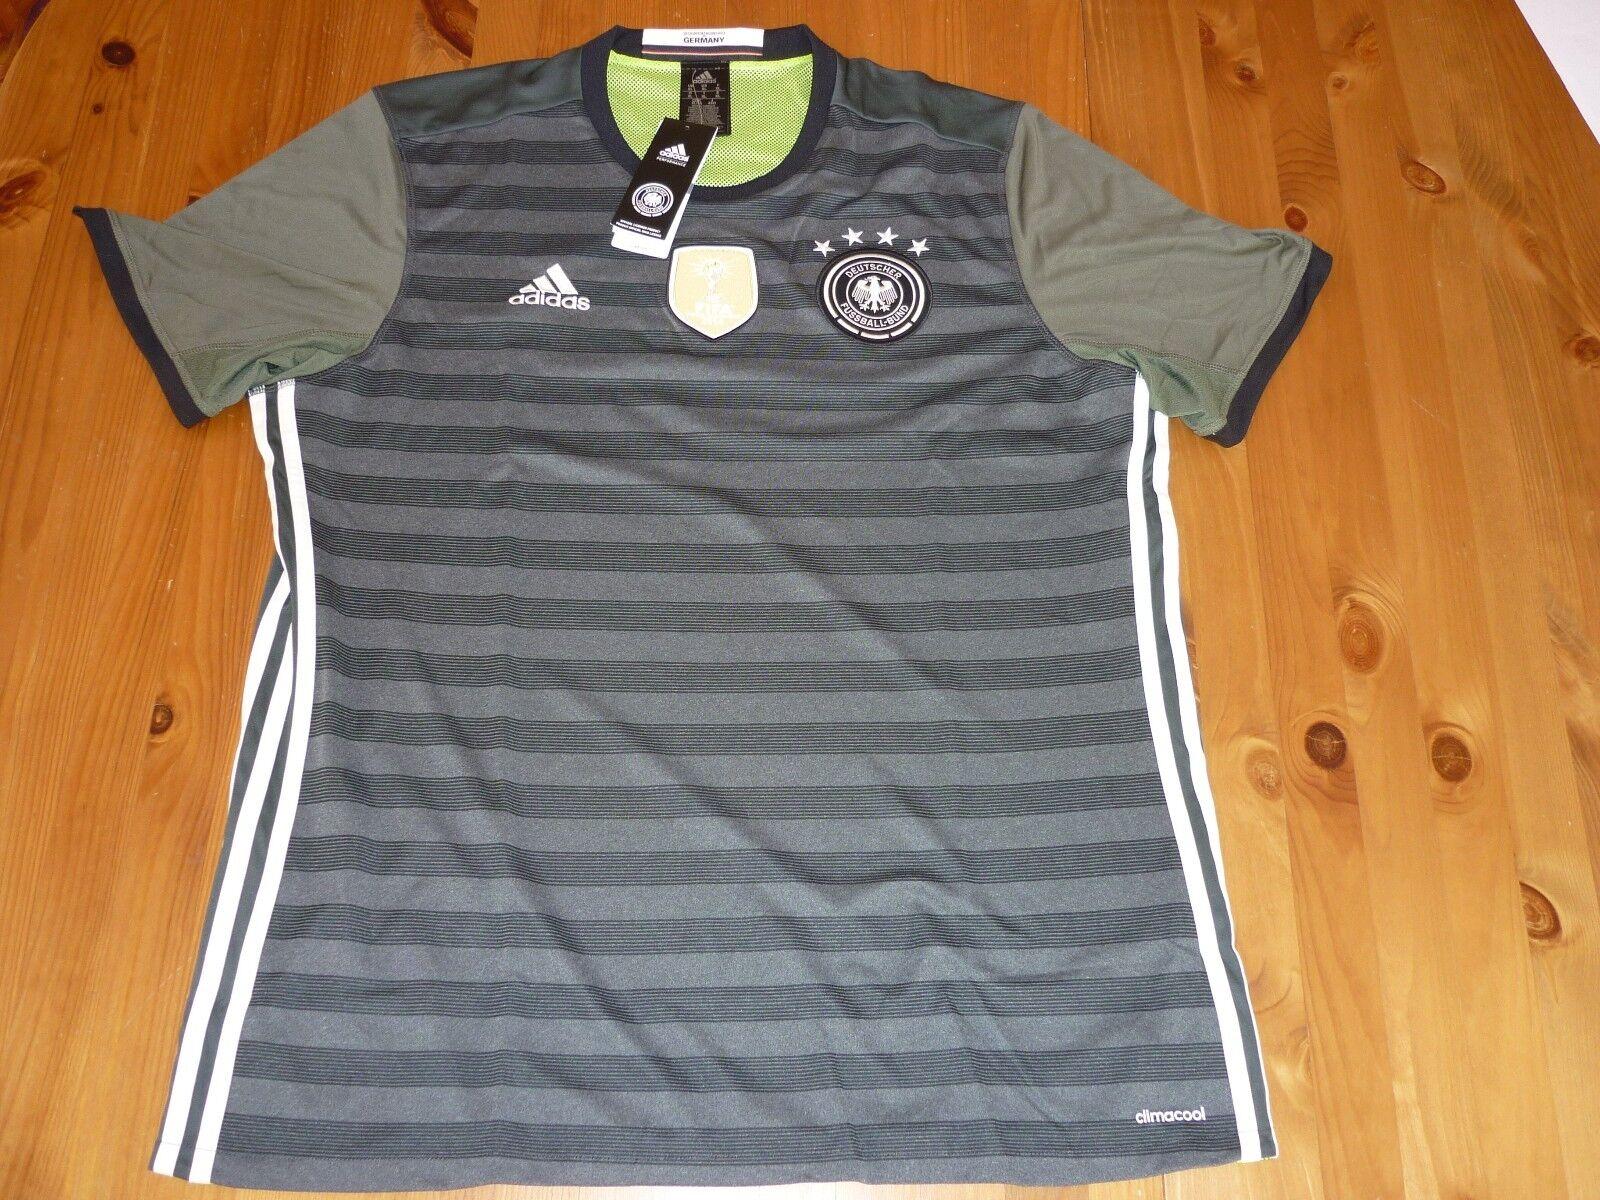 Adidas Alemania Football Camisa Tamaño Medio Bnwt